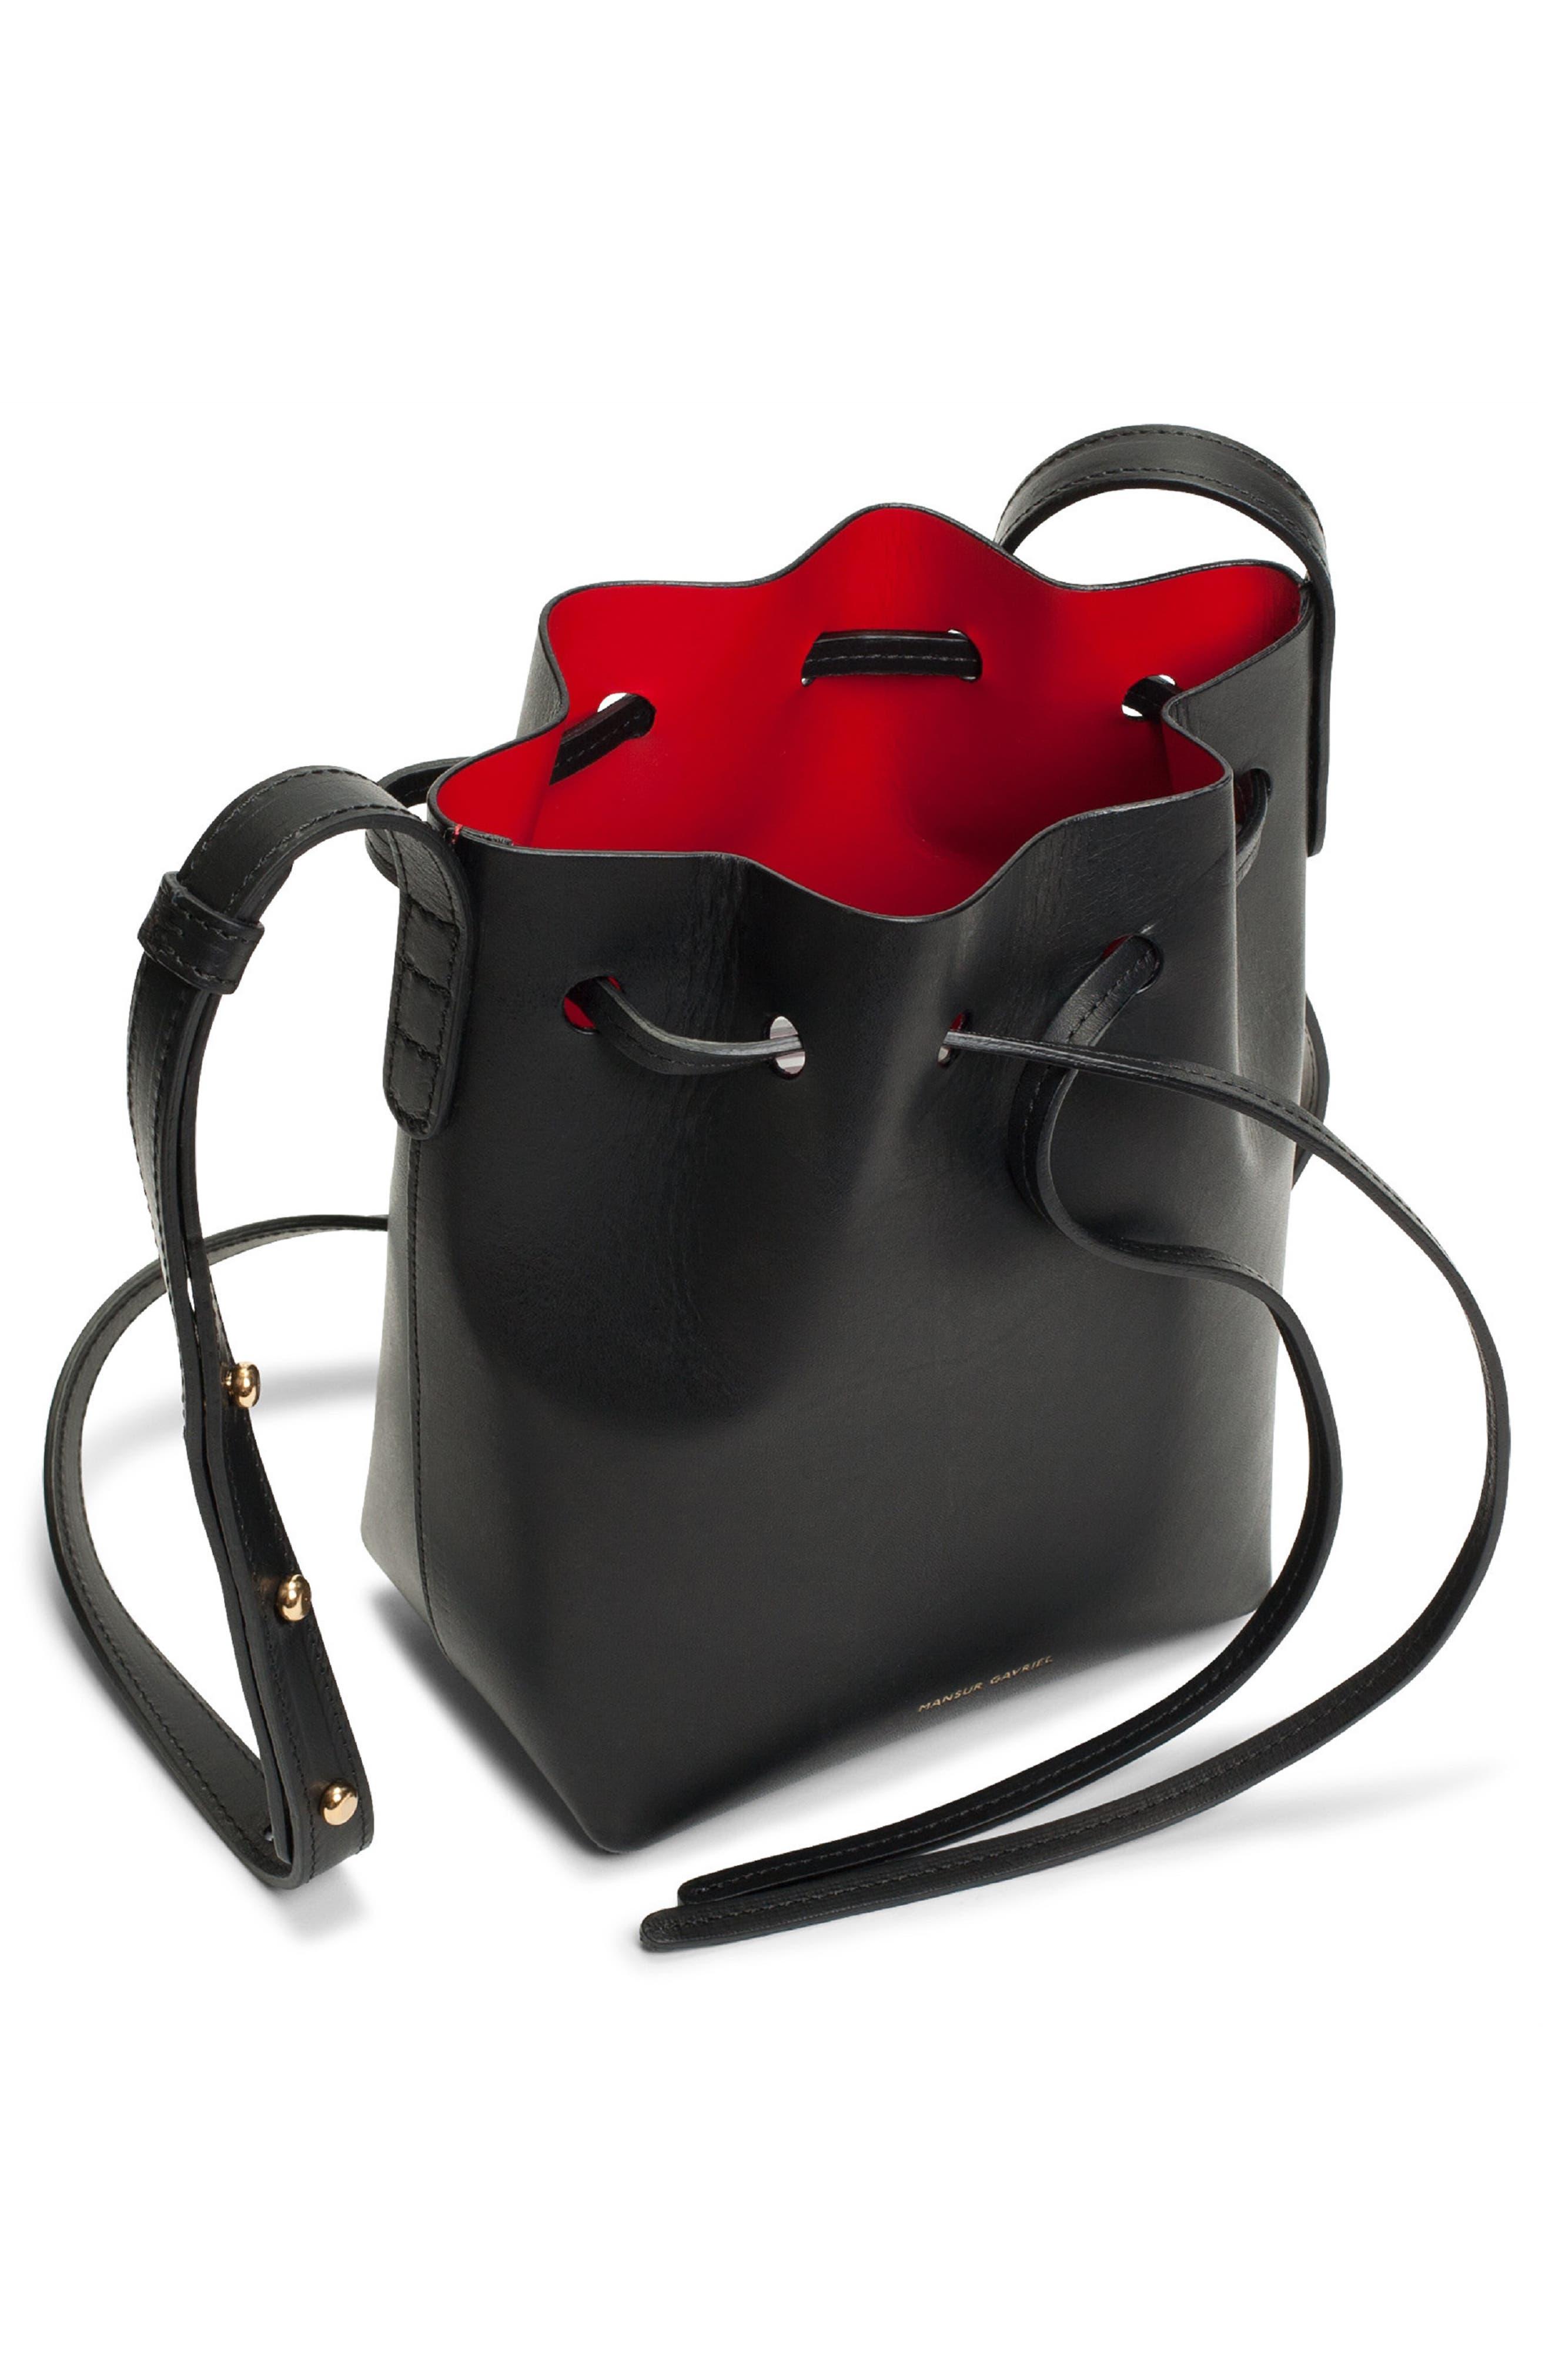 Mini Mini Leather Bucket Bag,                             Alternate thumbnail 2, color,                             BLACK/ FLAMMA